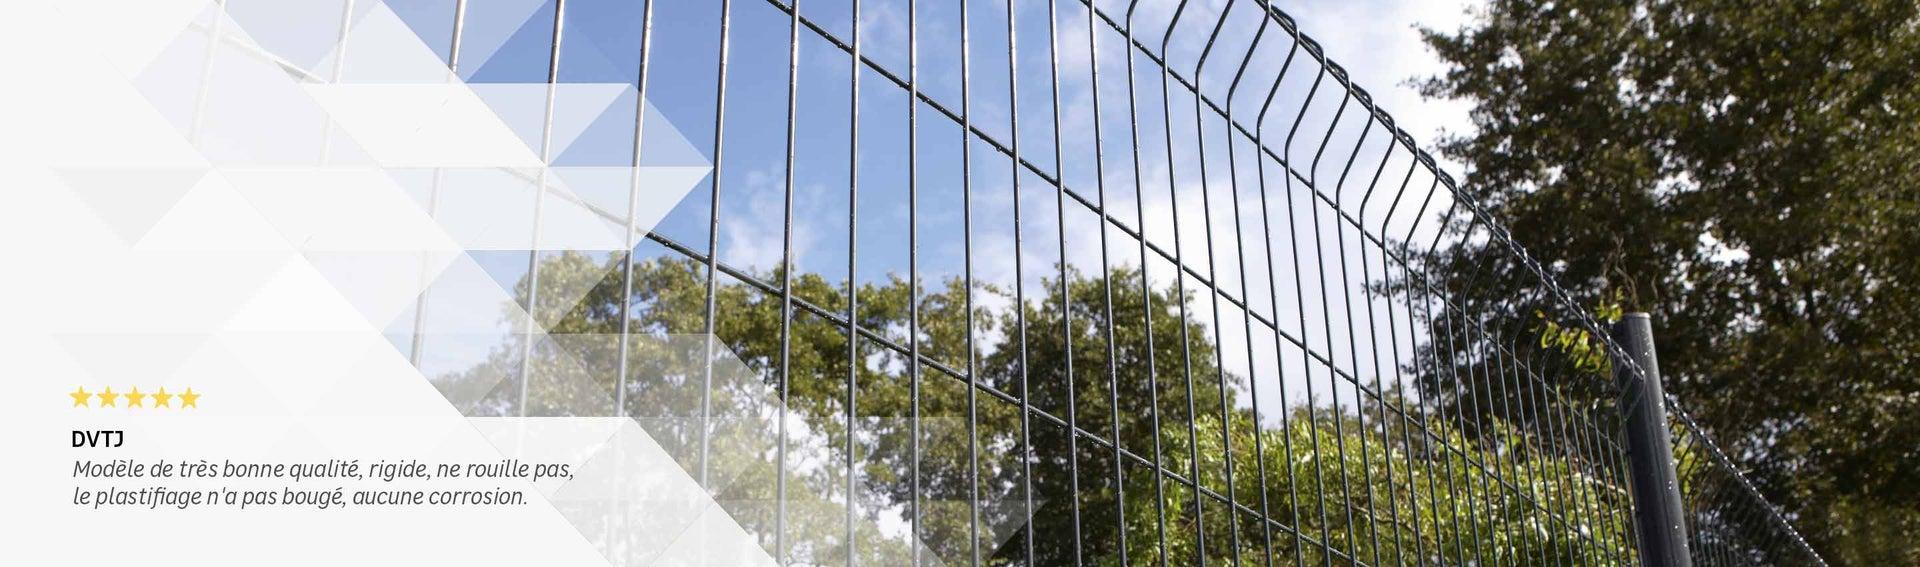 Grillage, canisse, panneau, clôture et palissade